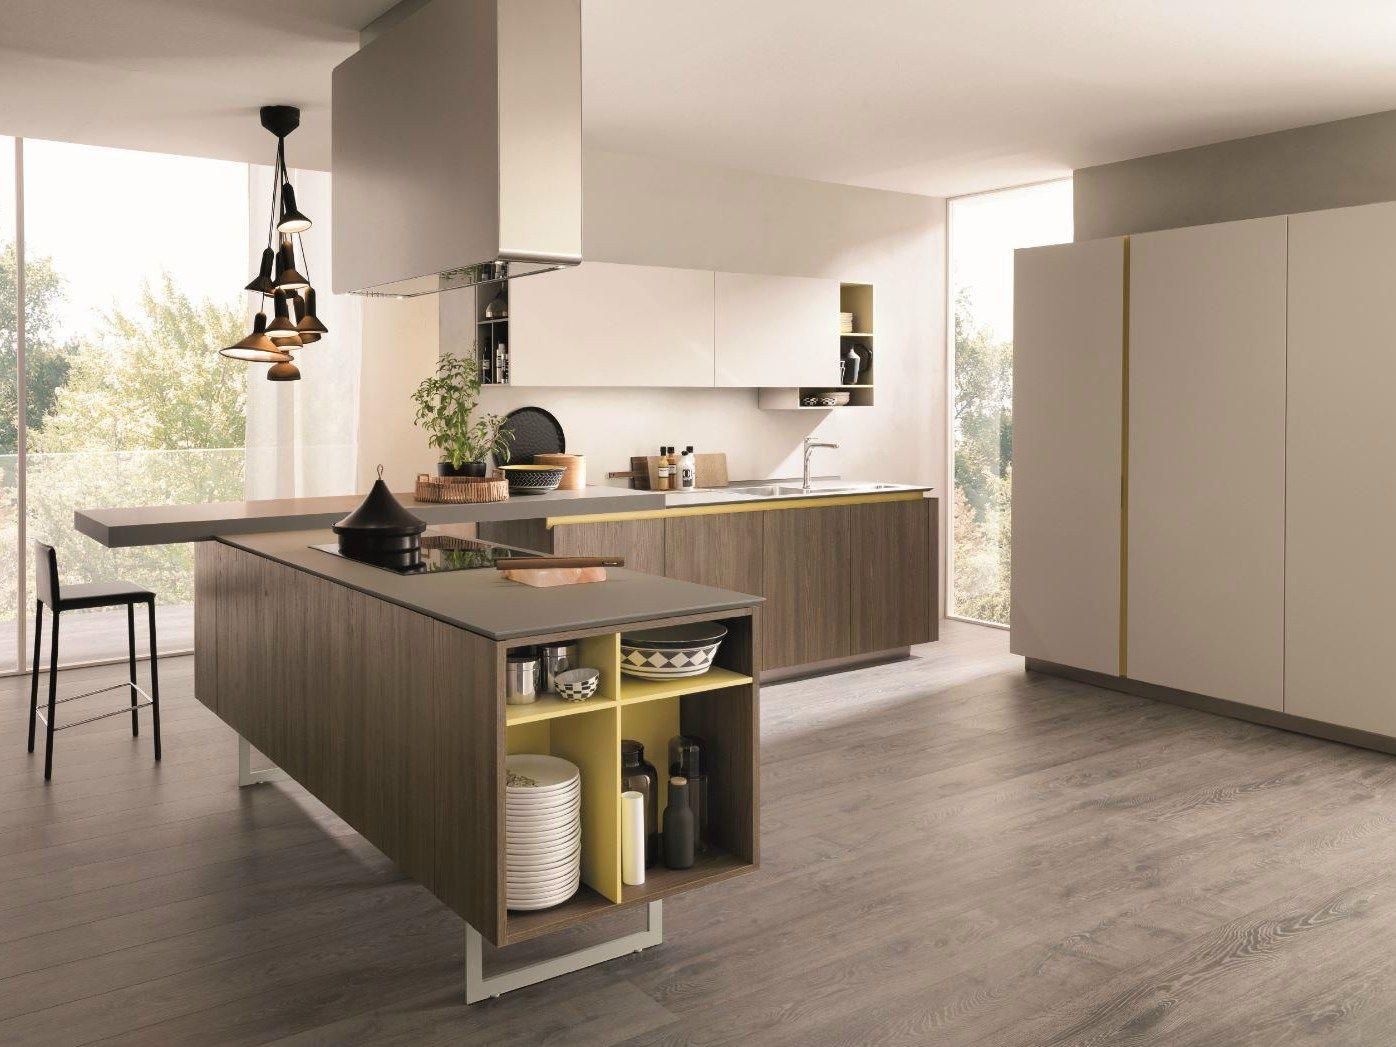 Cucina componibile con penisola filolain by euromobil - Elementi cucina componibile ...